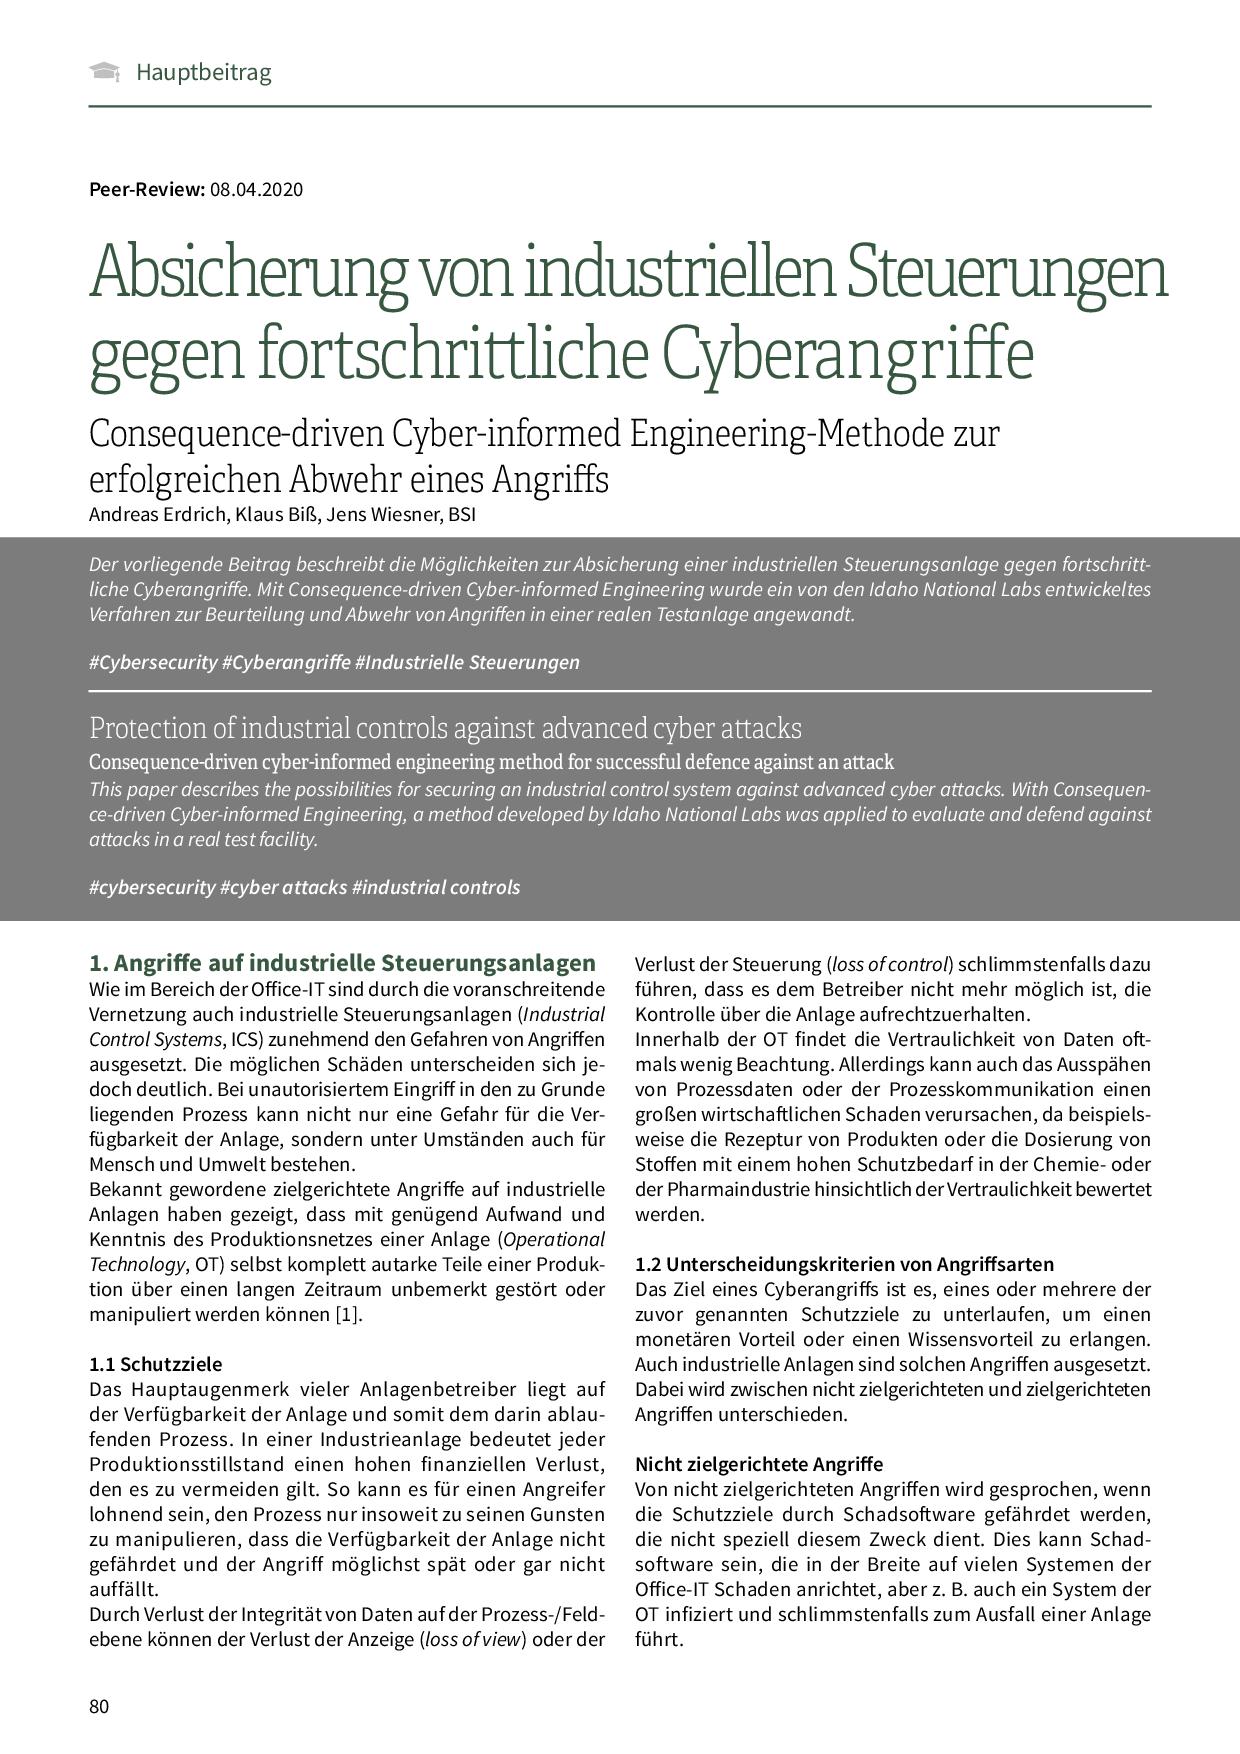 Absicherung von industriellen Steuerungen gegen fortschrittliche Cyberangriffe